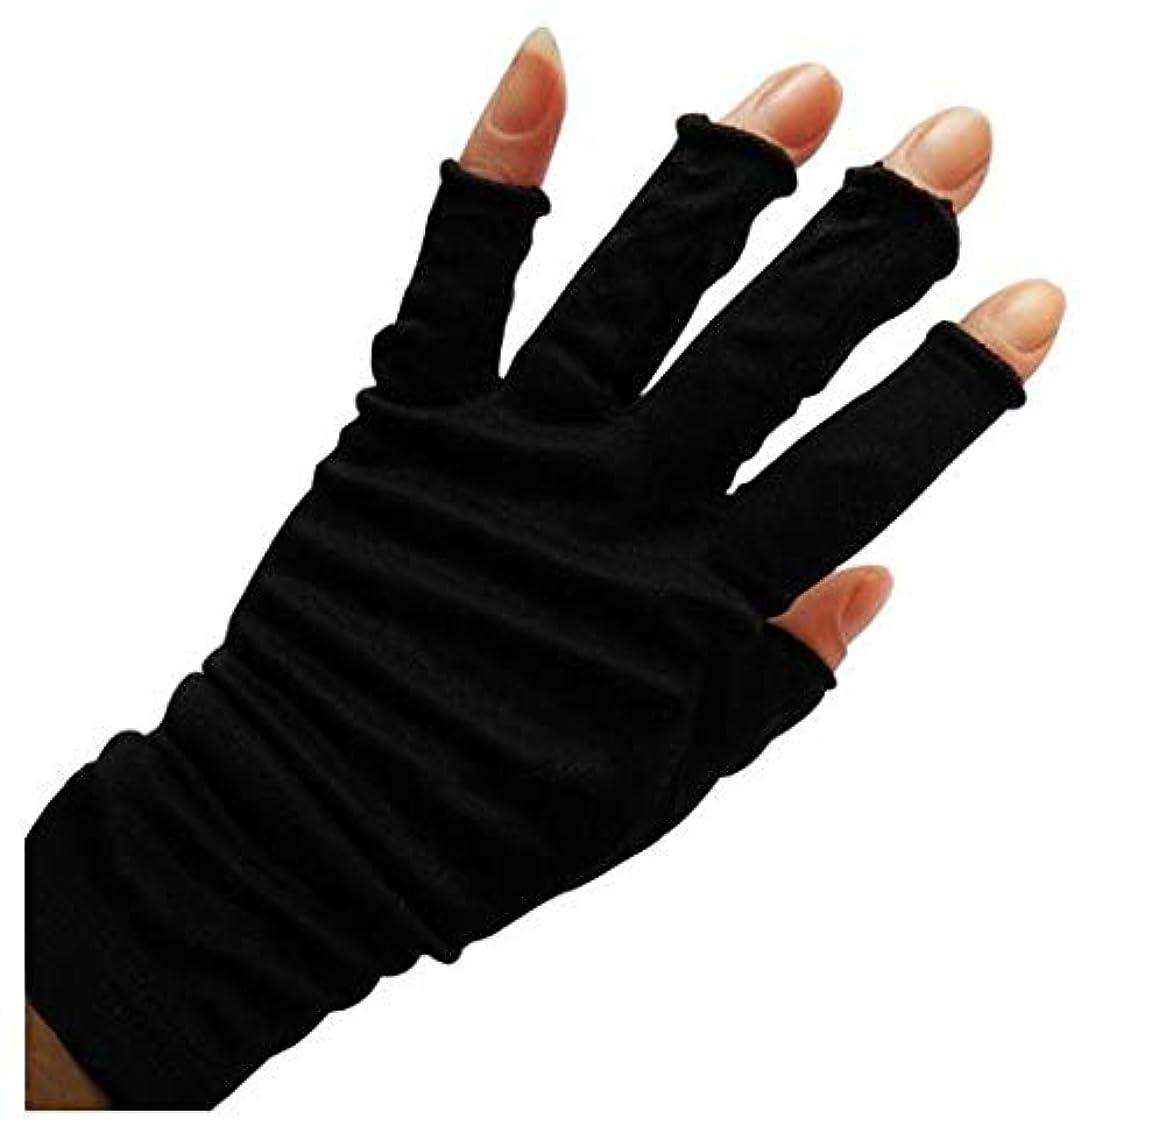 ほうきケイ素保安[スリーピングシープ] ひんやり サラサラ シルク100% UV 手袋 ハンドケア UV 手袋 手のお手入れに (M, 指切りブラック)